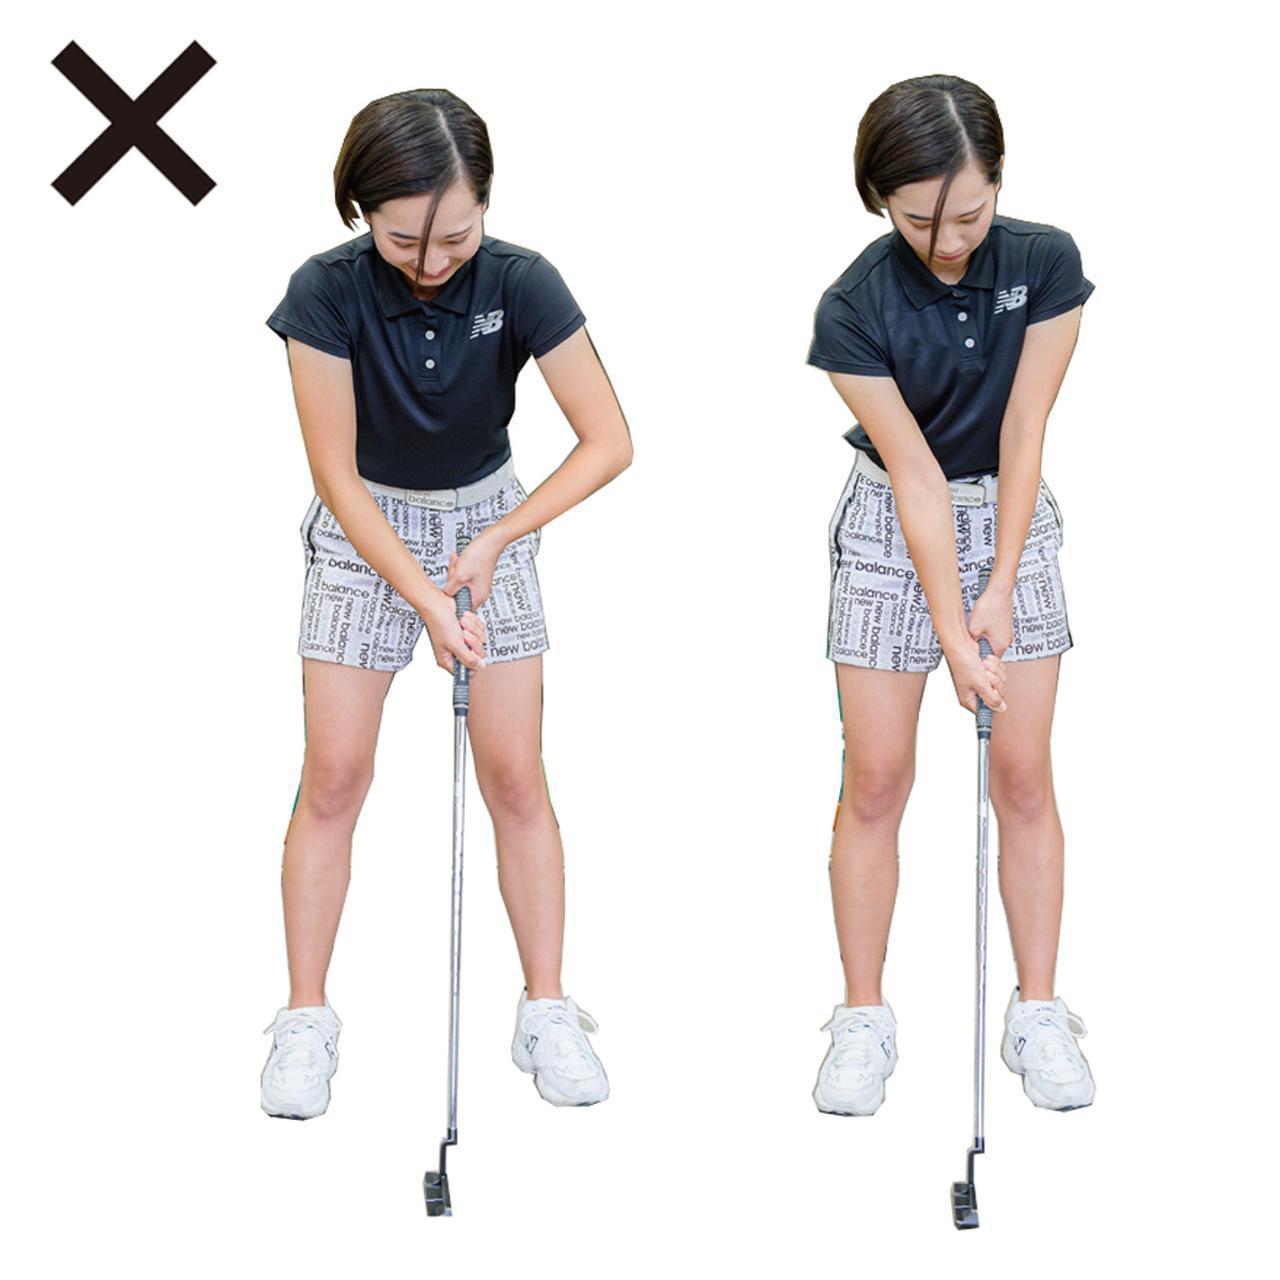 画像: 「感性を生かして球を転がすには、足首、ひざ、股関節を固めてしまわず、各関節に余裕を持たせ、柔軟なパッティングができる姿勢を作ること。両ひじも、伸ばして『三角形』を作るのではなく、適度に曲げた『五角形』で。カタチが『五角形』でも関節を固めては意味がありません」